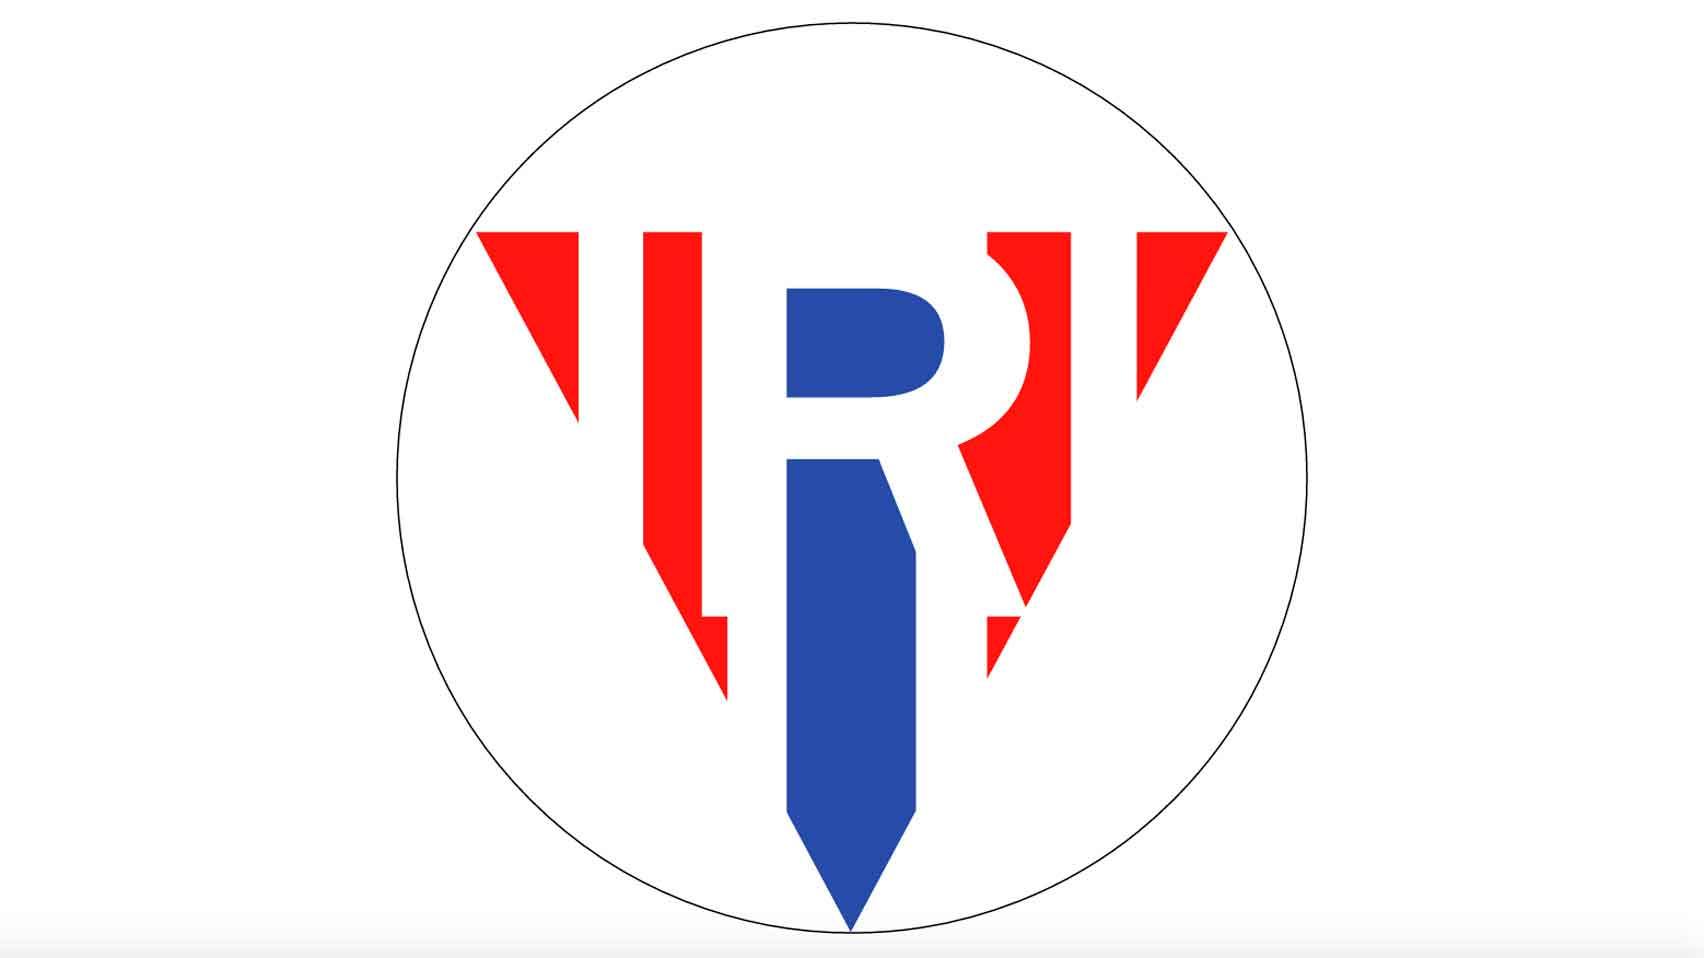 Символ сопротивления